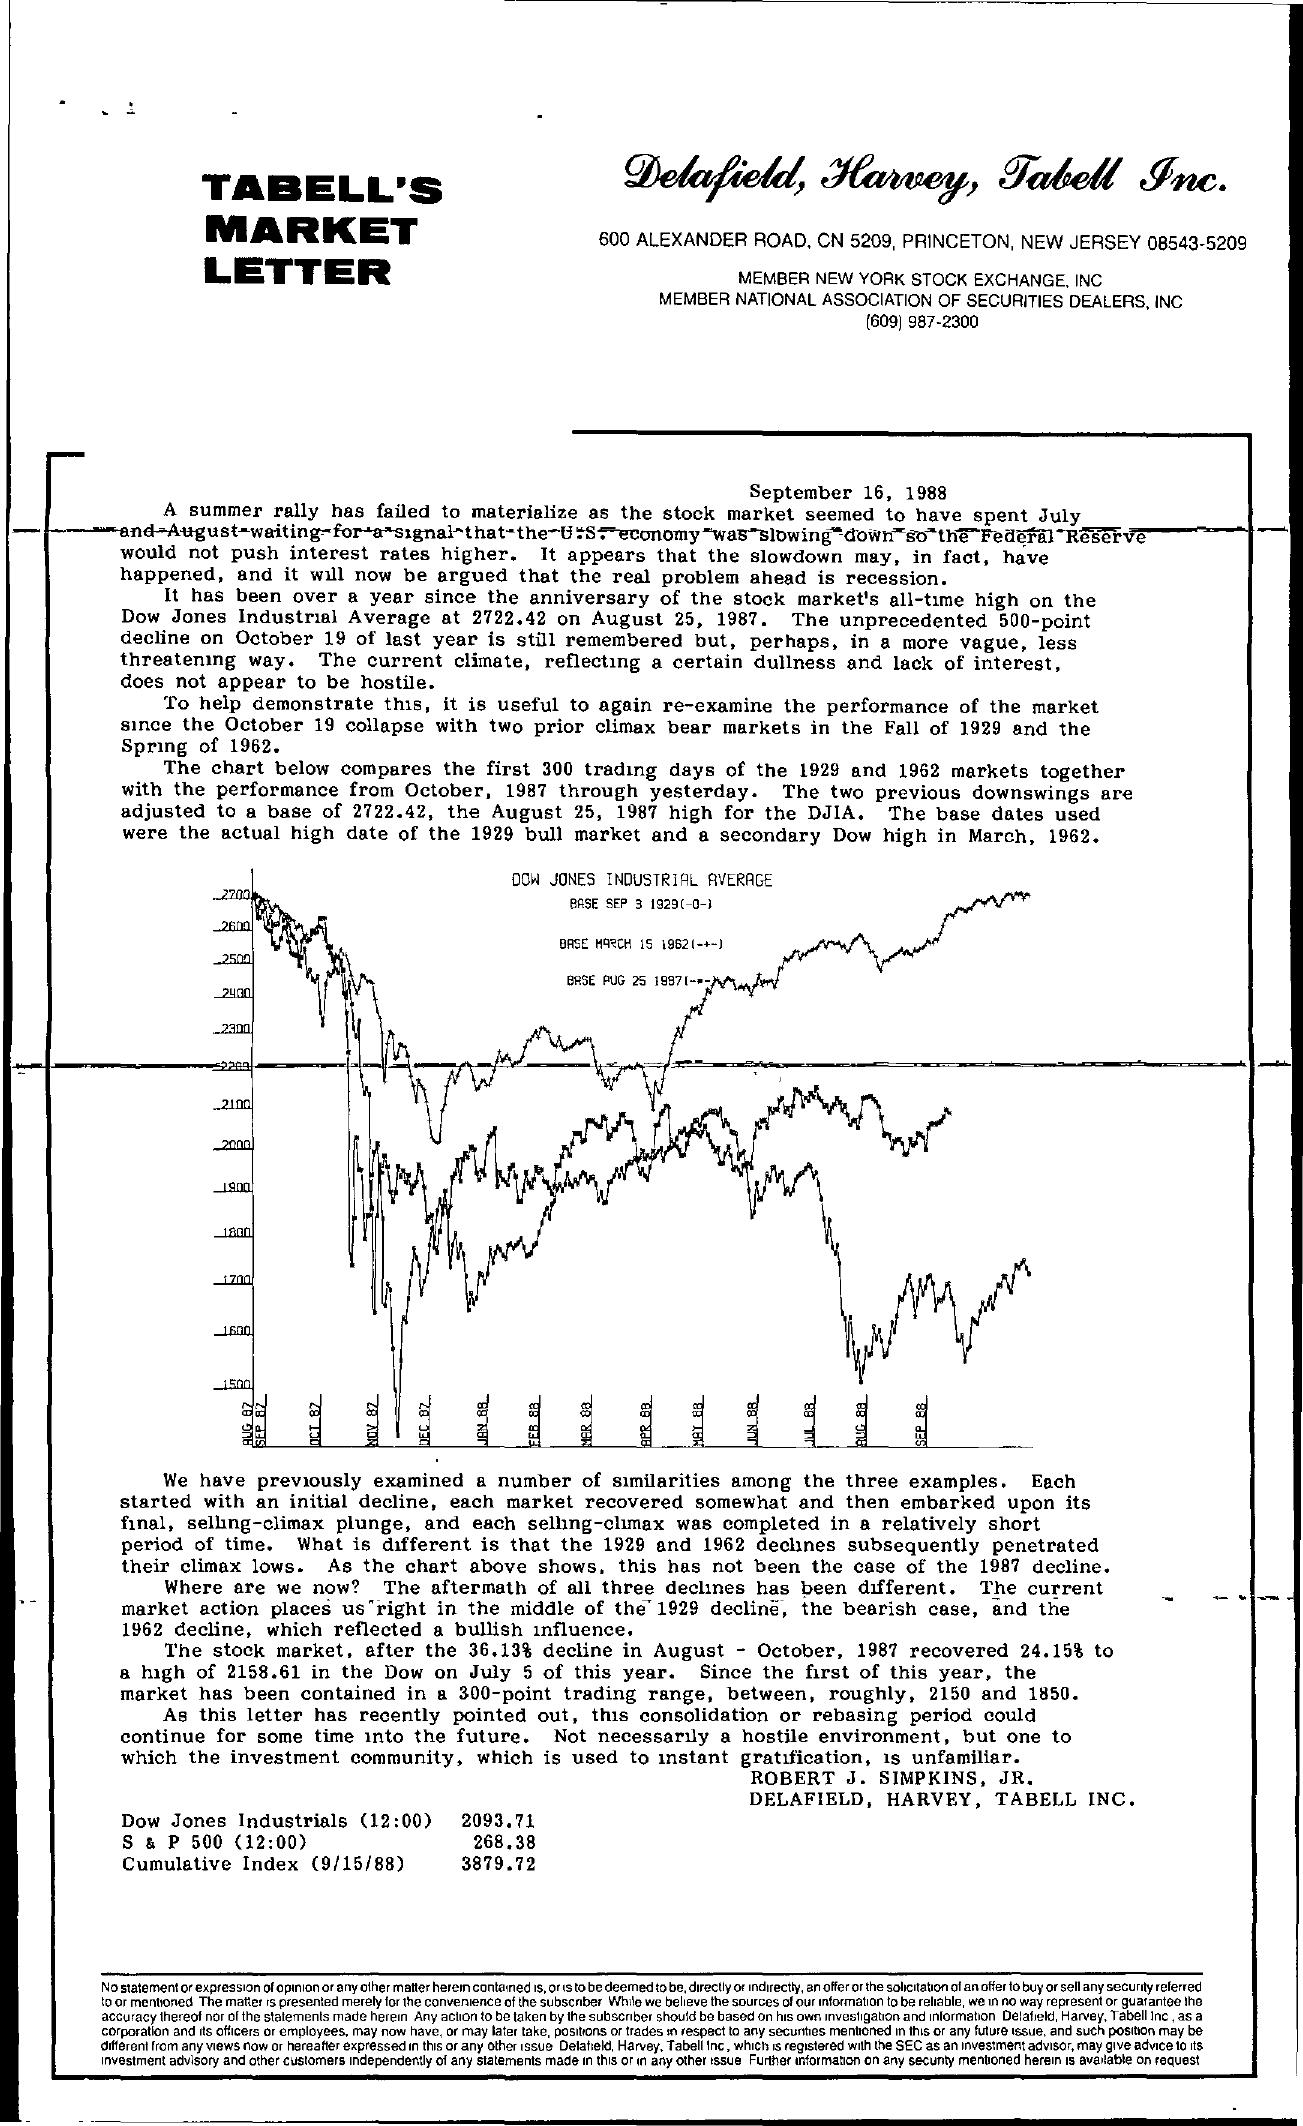 Tabell's Market Letter - September 16, 1988